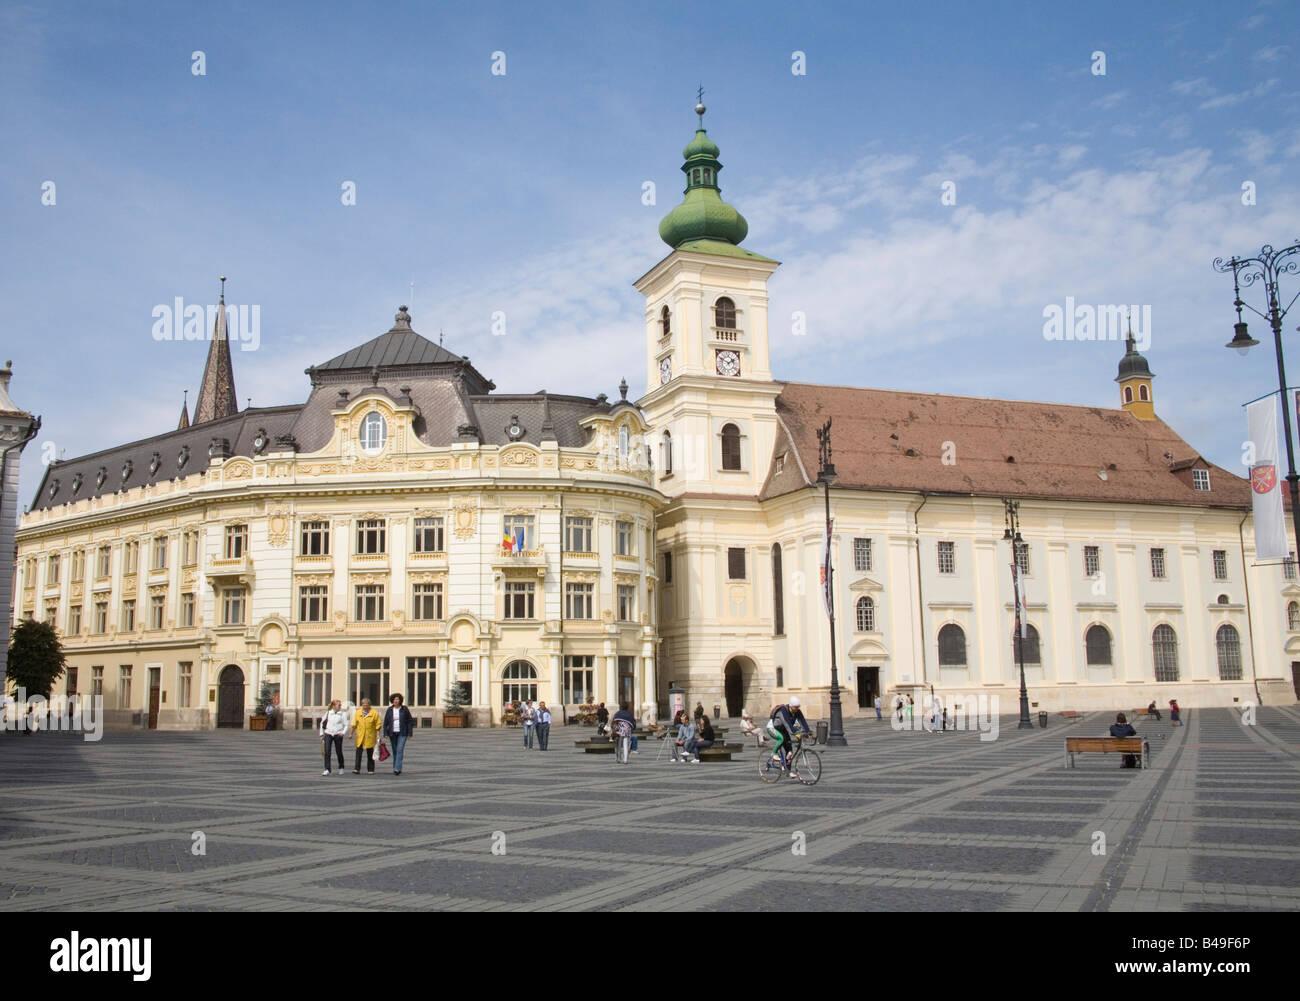 Sibiu Transylvania Romania Europe September pedestrianised Piata Mare towards Rathaus and Katholische Kirche Stock Photo